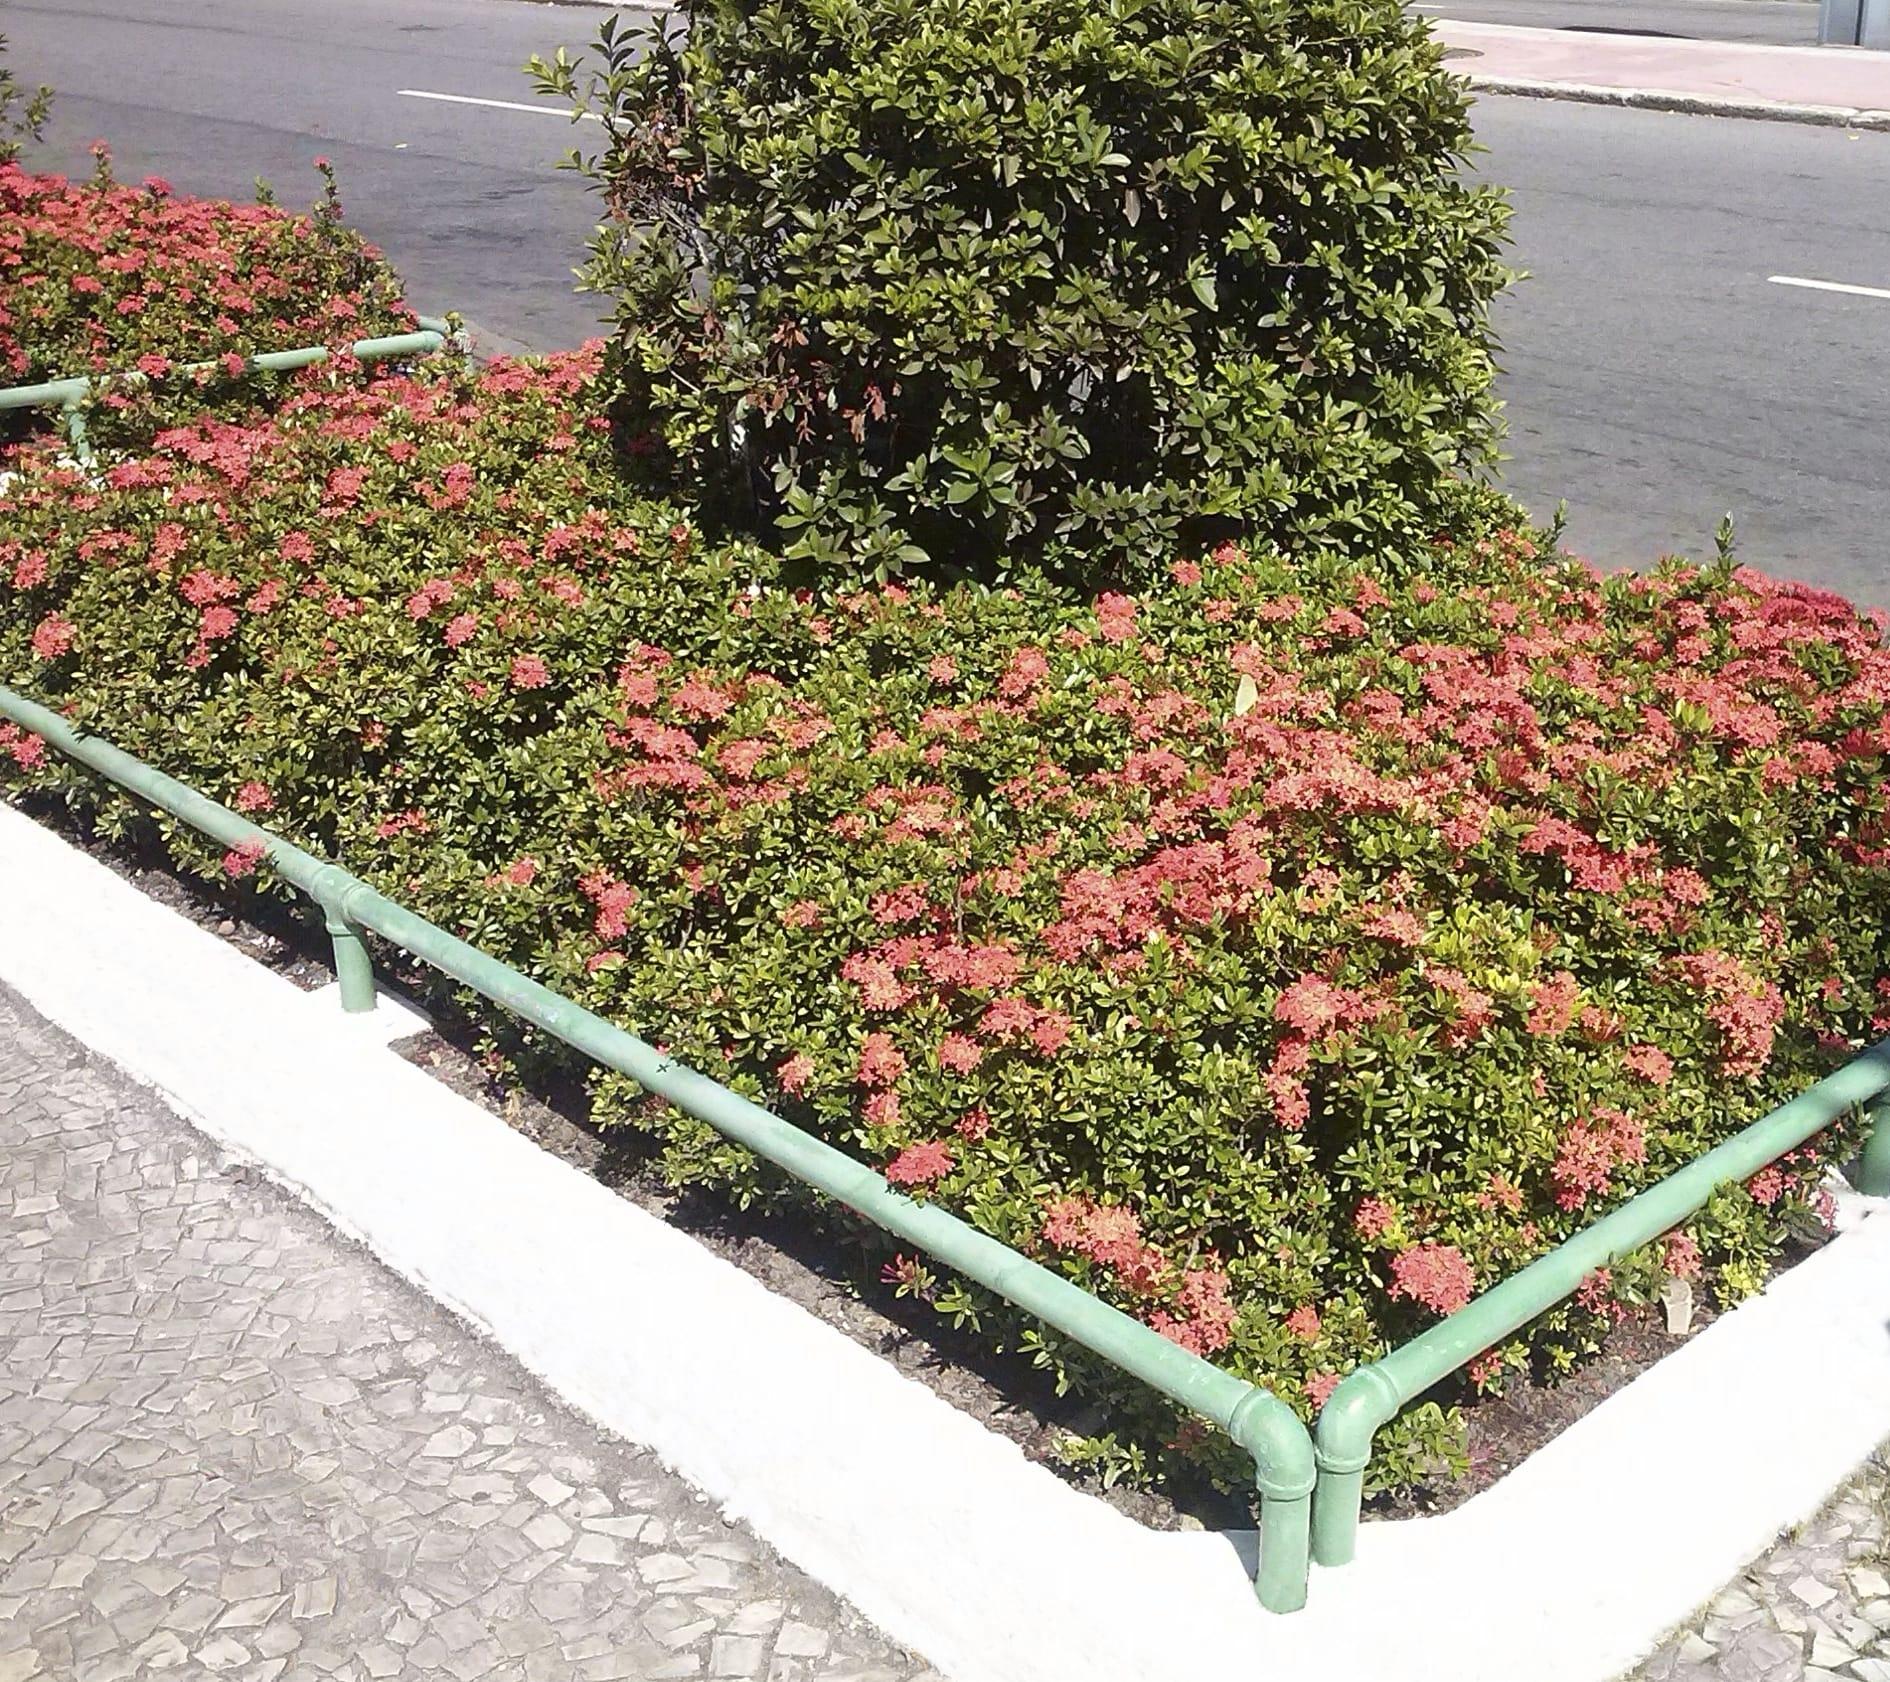 Piante Per Aiuole Perenni aiuole fiorite perenni con le graminacee in città - non sprecare